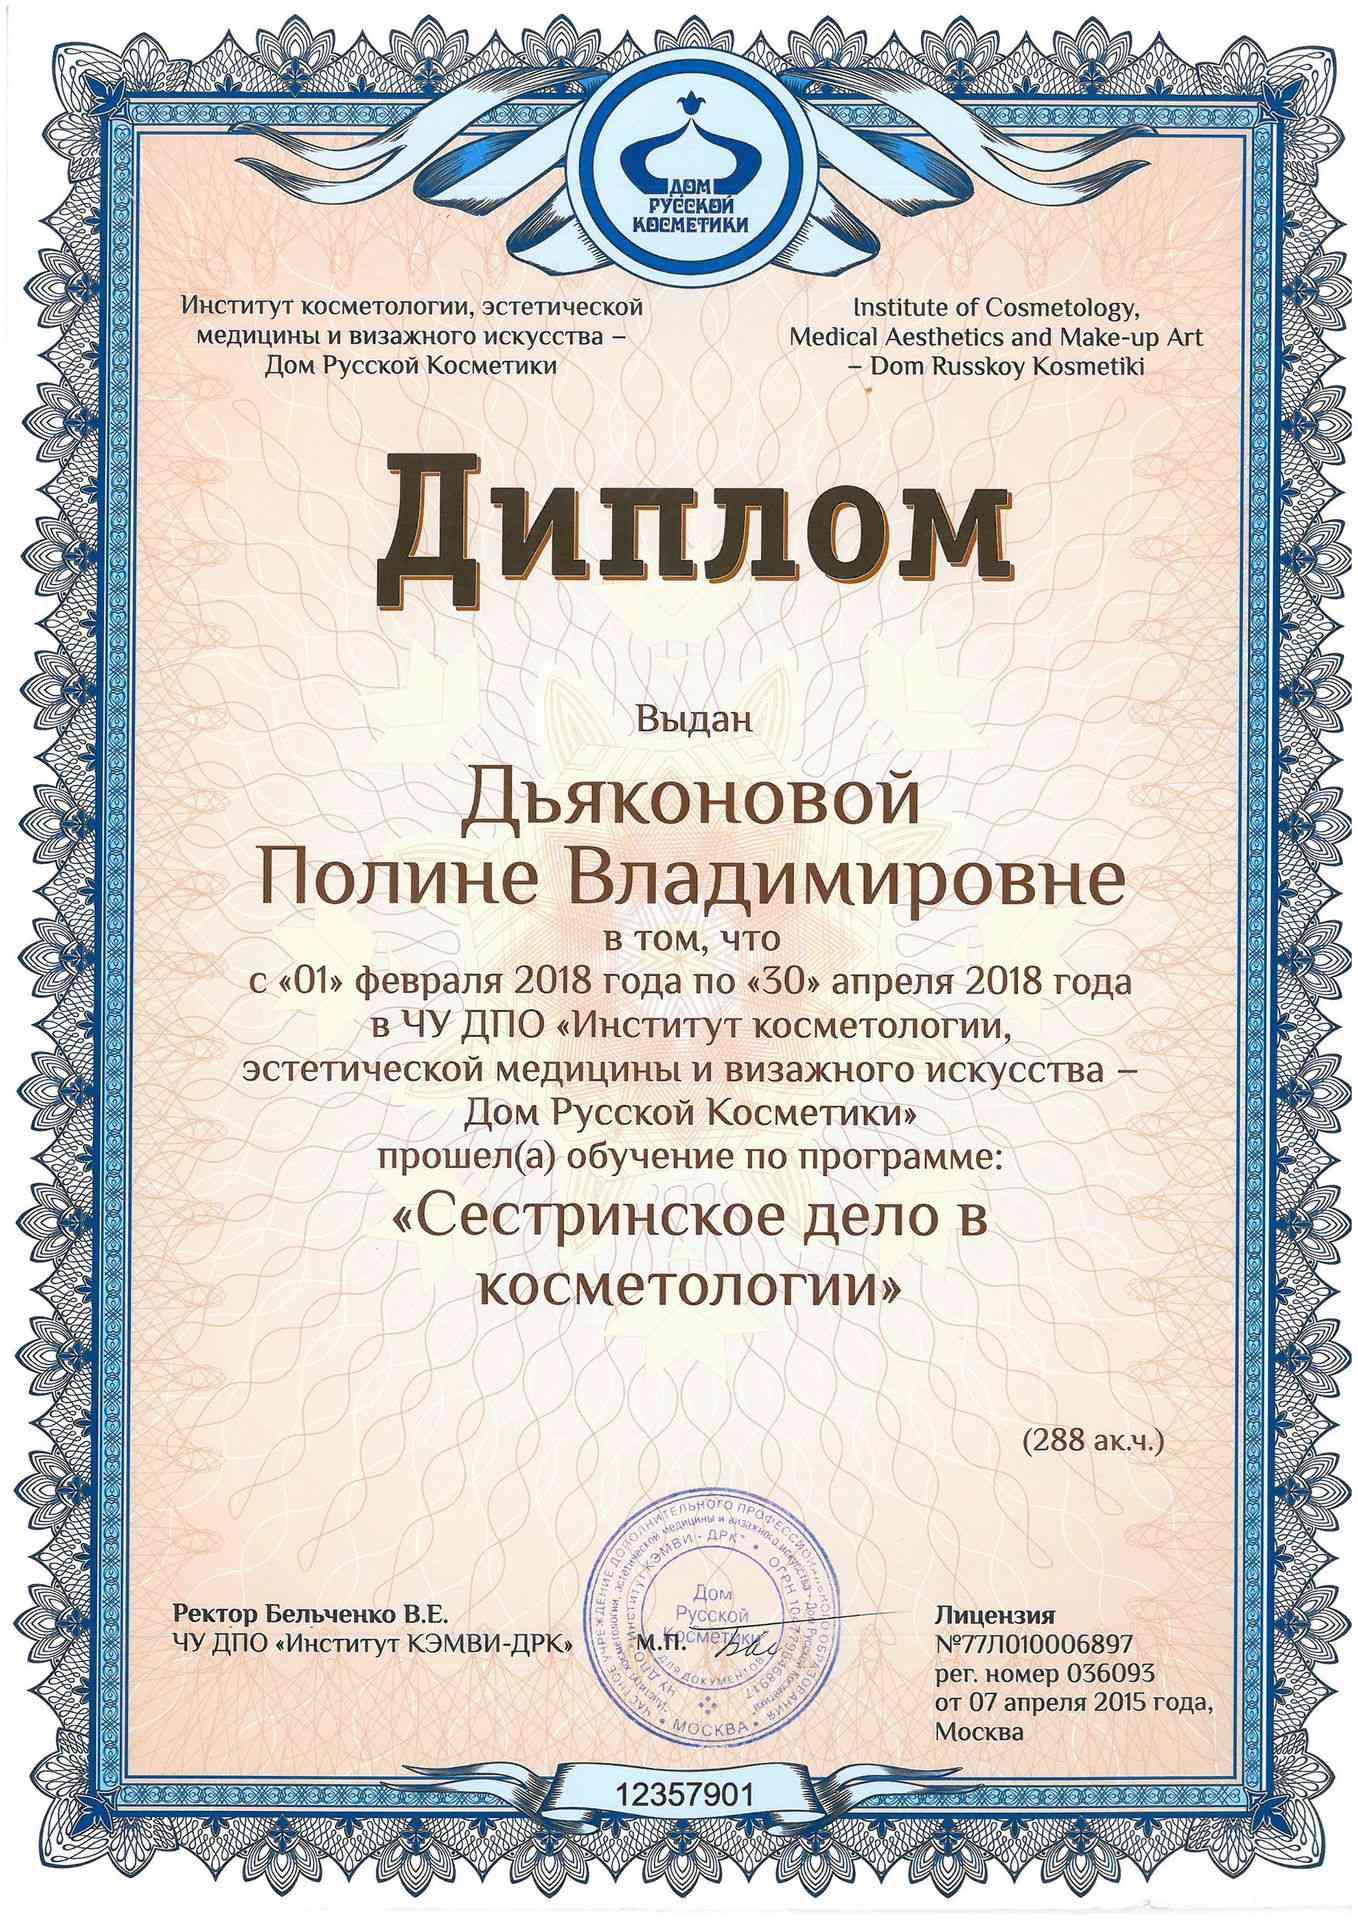 2018 Институт косметологии, эстетической медицины Дом Русской Косметики